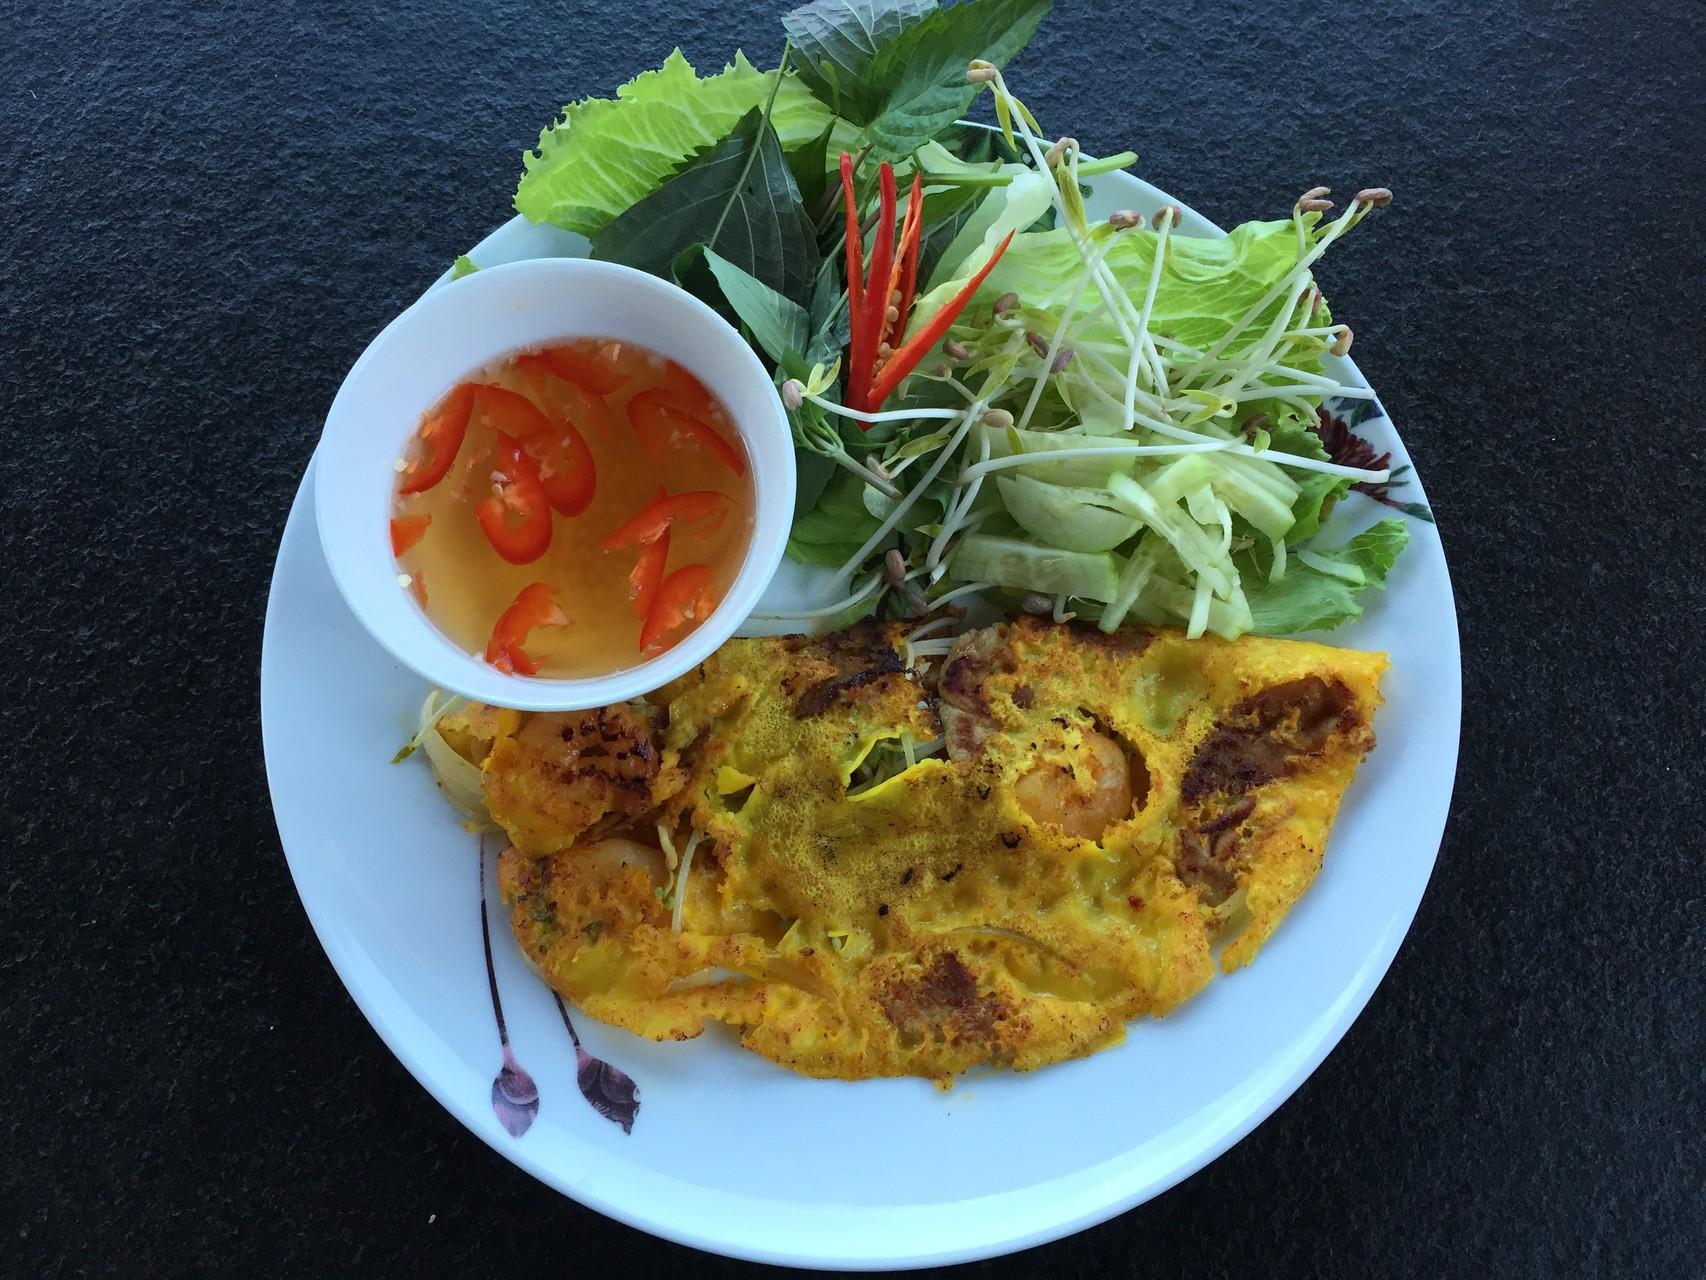 Banh Xeo Tom, Thit - Knuspriger Reismehl Pfannkuchen gefüllt mit Schweinfleisch, Crevetten, Sojasprossen, Zweibeln. Auch als Vegitarische.